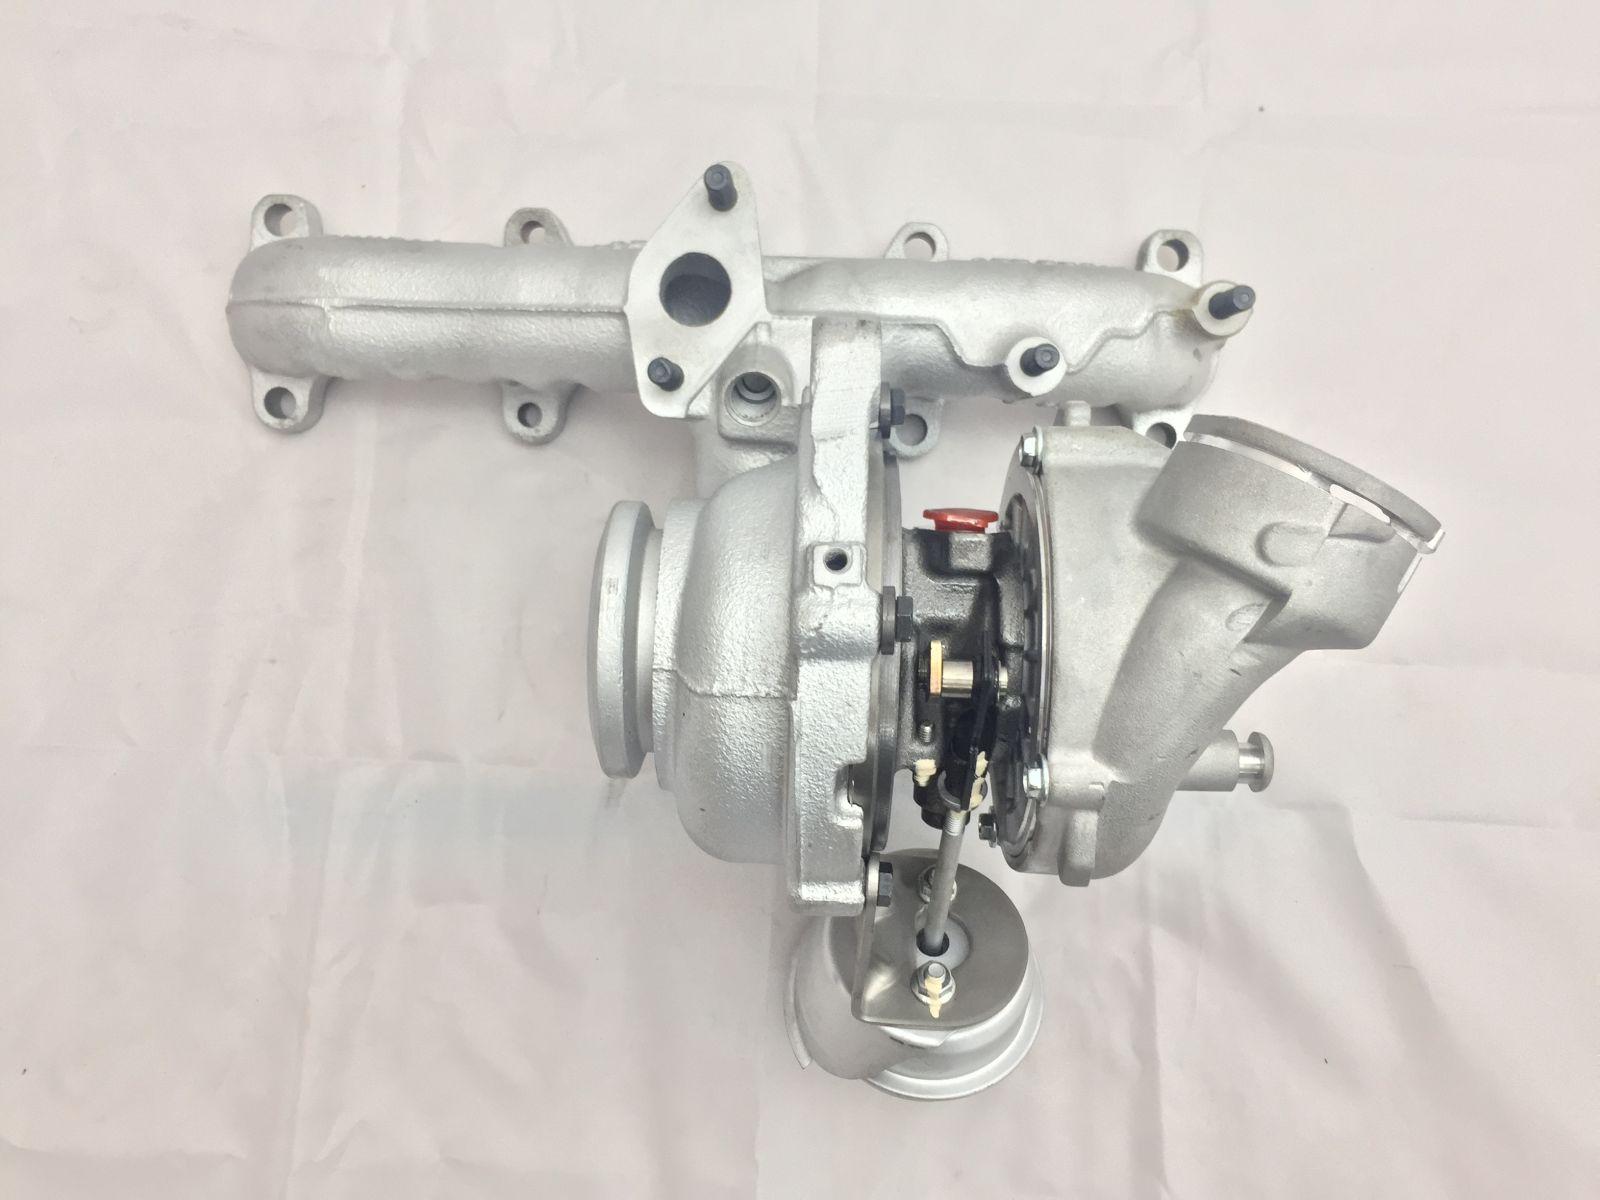 Refurbished Hybrid Turbocharger 757042 stage1 - 200HP GT1752VB